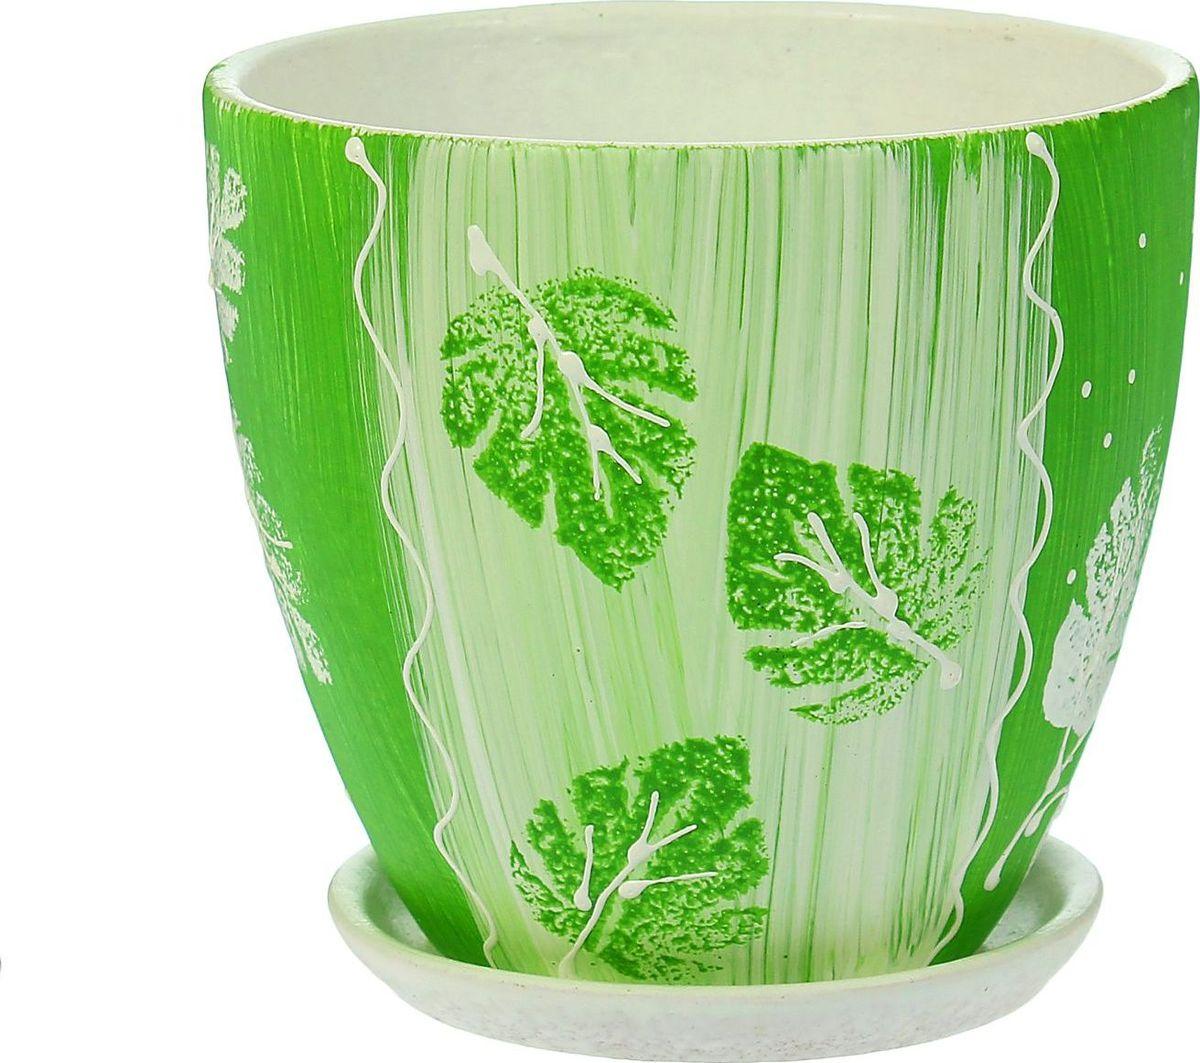 Кашпо Акварель, цвет: зеленый, 0,8 л1403446Комнатные растения — всеобщие любимцы. Они радуют глаз, насыщают помещение кислородом и украшают пространство. Каждому из них необходим свой удобный и красивый дом. Кашпо из керамики прекрасно подходят для высадки растений: за счёт пластичности глины и разных способов обработки существует великое множество форм и дизайновпористый материал позволяет испаряться лишней влагевоздух, необходимый для дыхания корней, проникает сквозь керамические стенки! #name# позаботится о зелёном питомце, освежит интерьер и подчеркнёт его стиль.